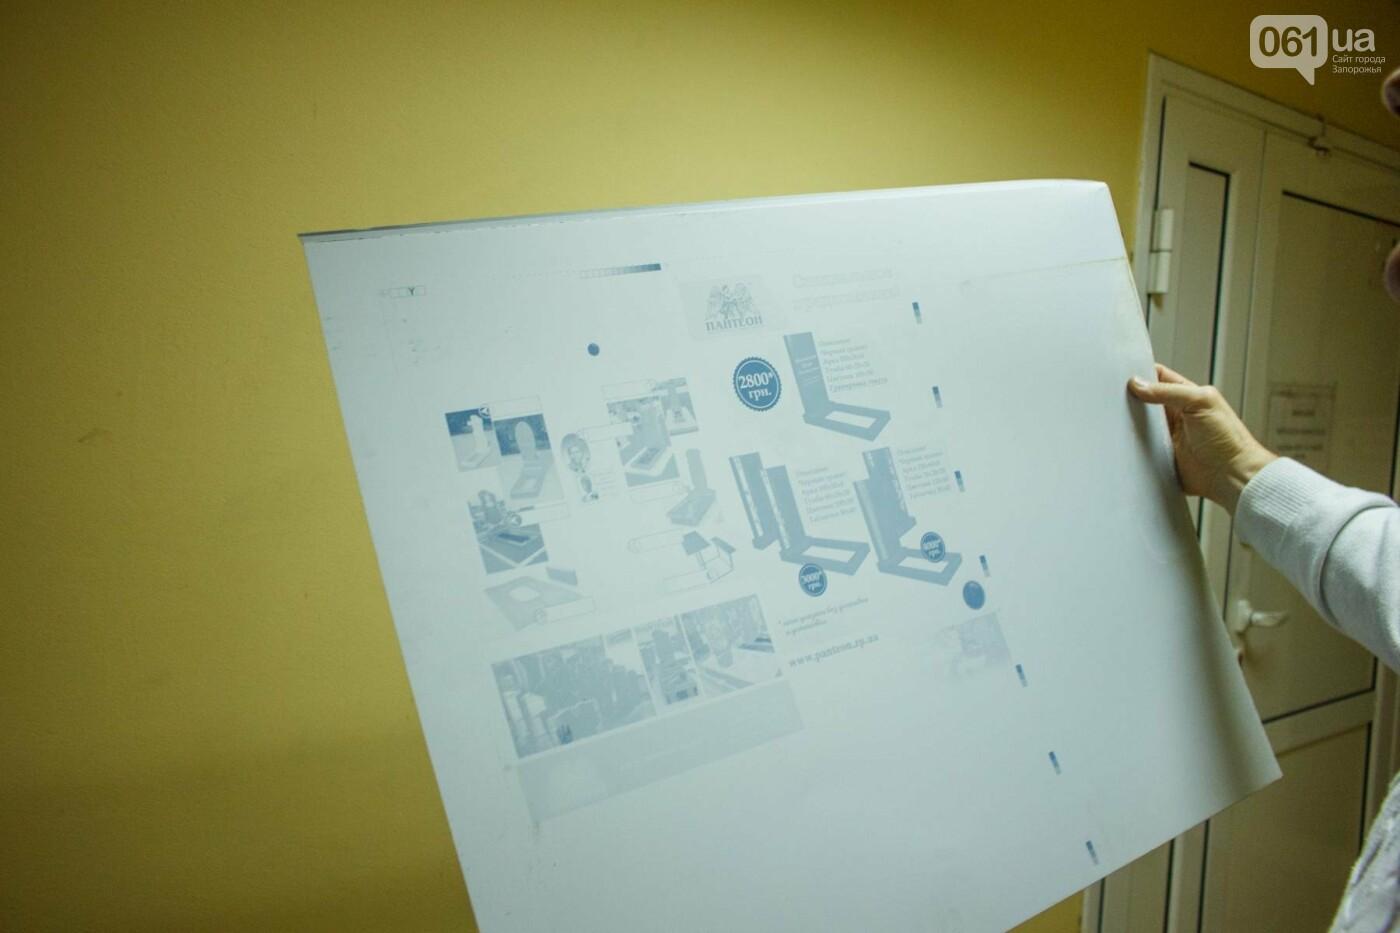 Как в Запорожье печатают газеты: экскурсия в типографию, - ФОТО, ВИДЕО, фото-7